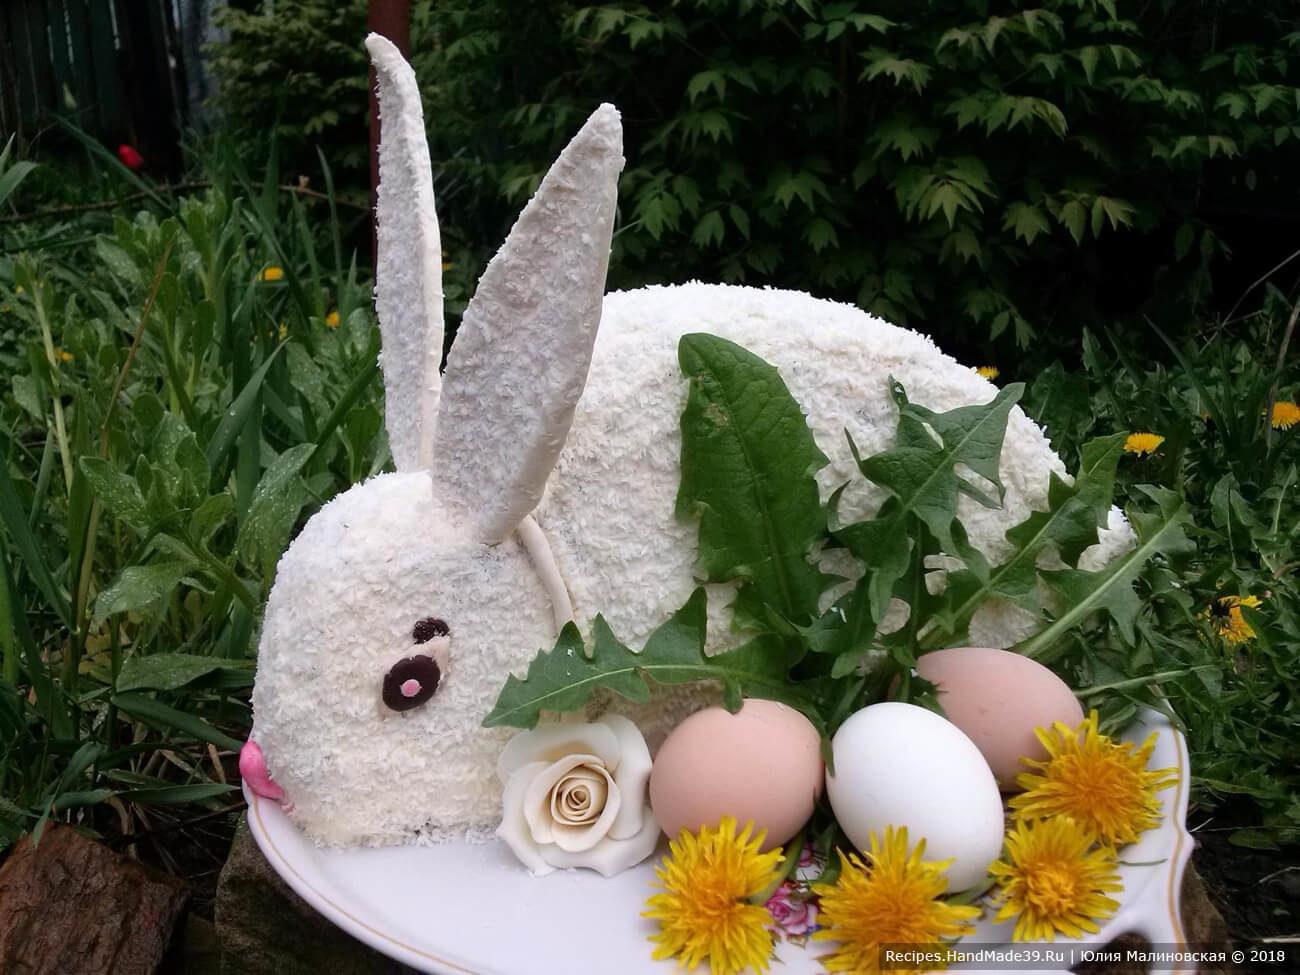 Шоколадный торт «Кролик» с изюмом и кремом Шарлотт